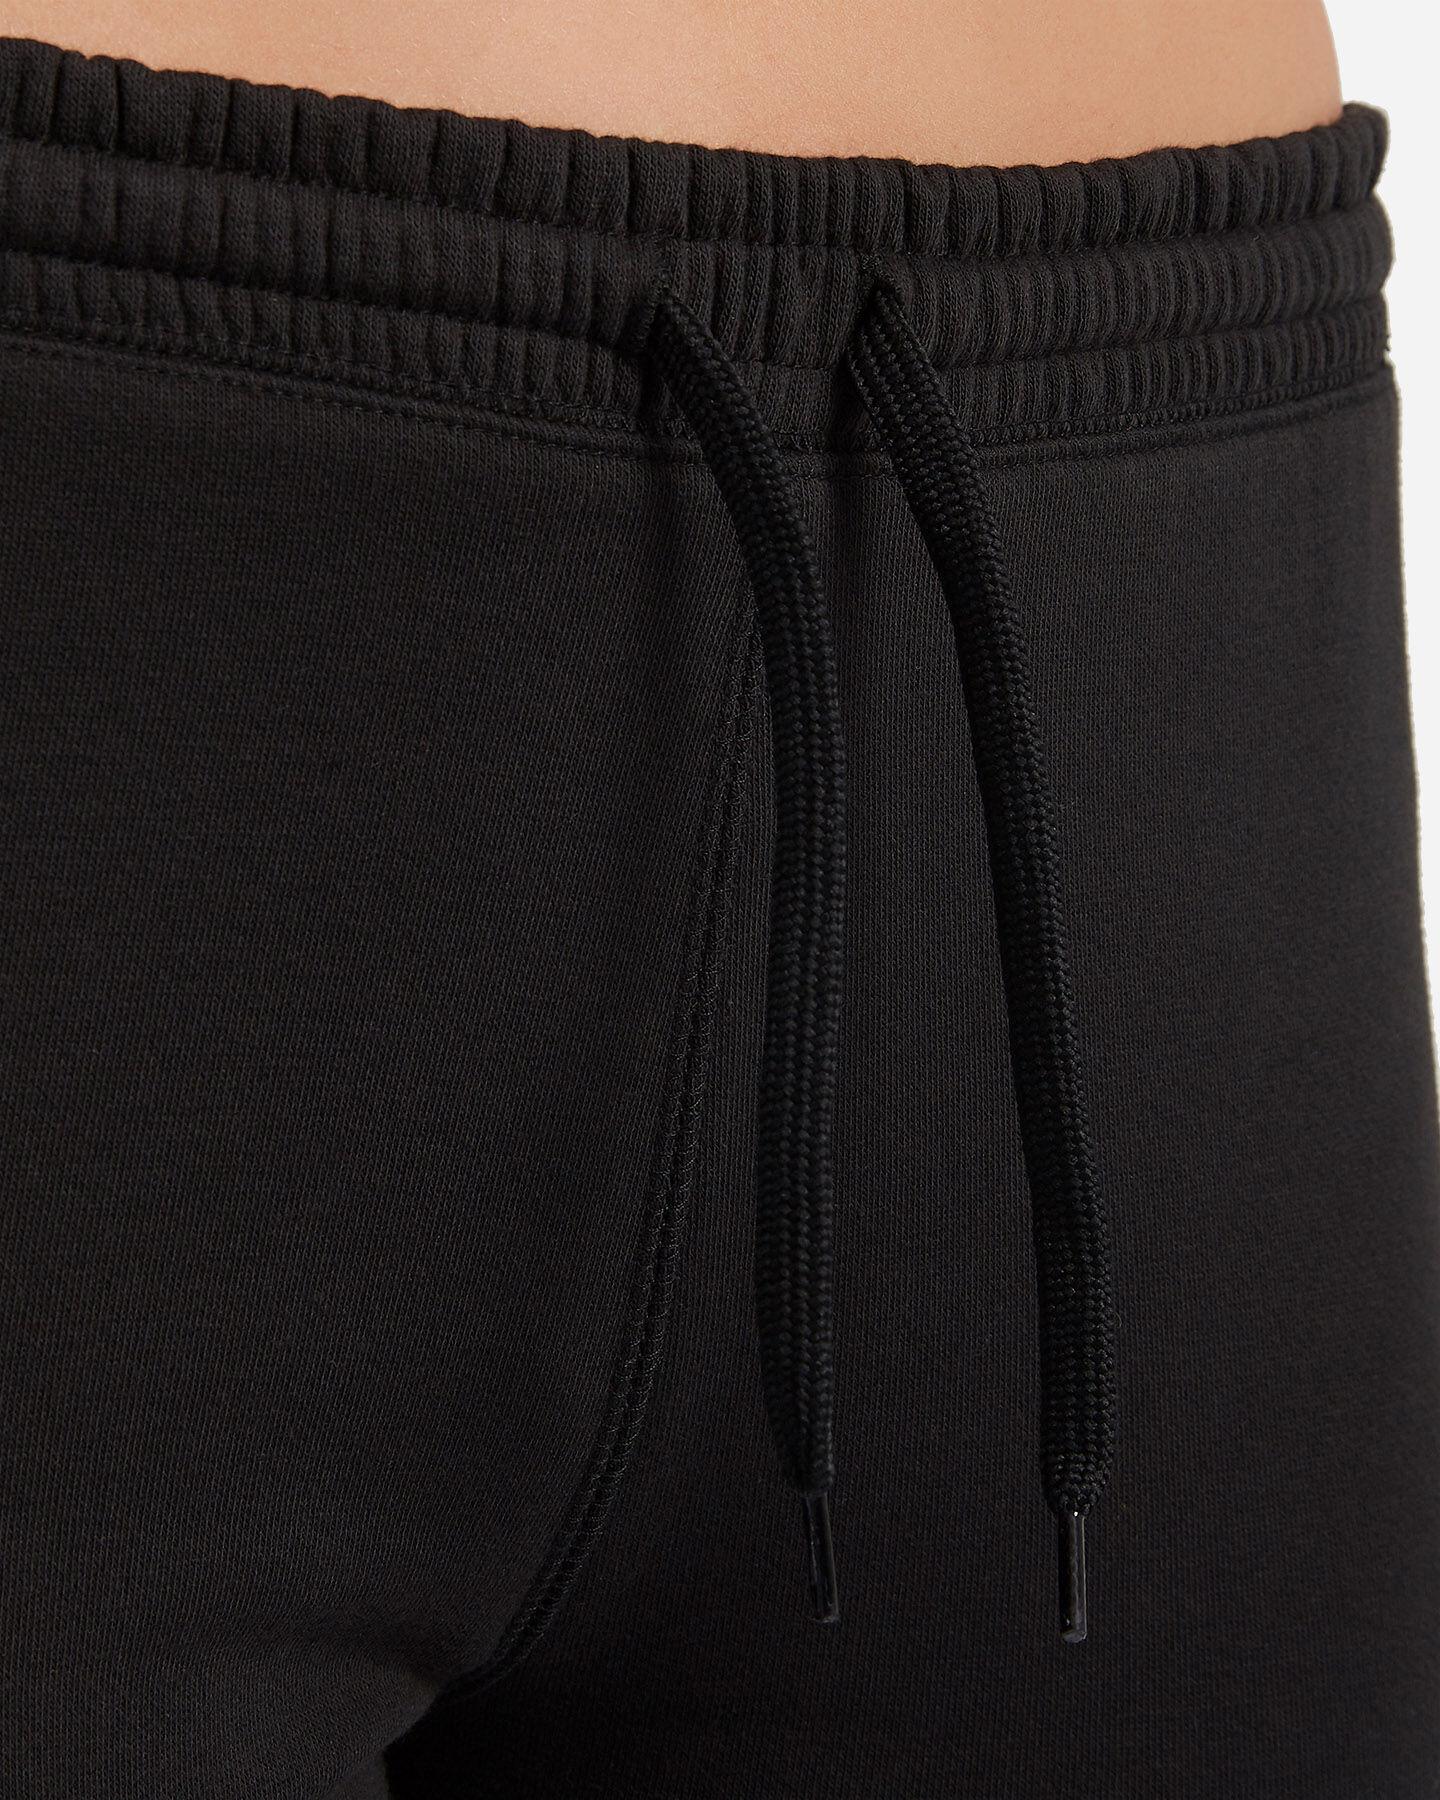 Pantalone ABC EMMA W S4011205 scatto 3